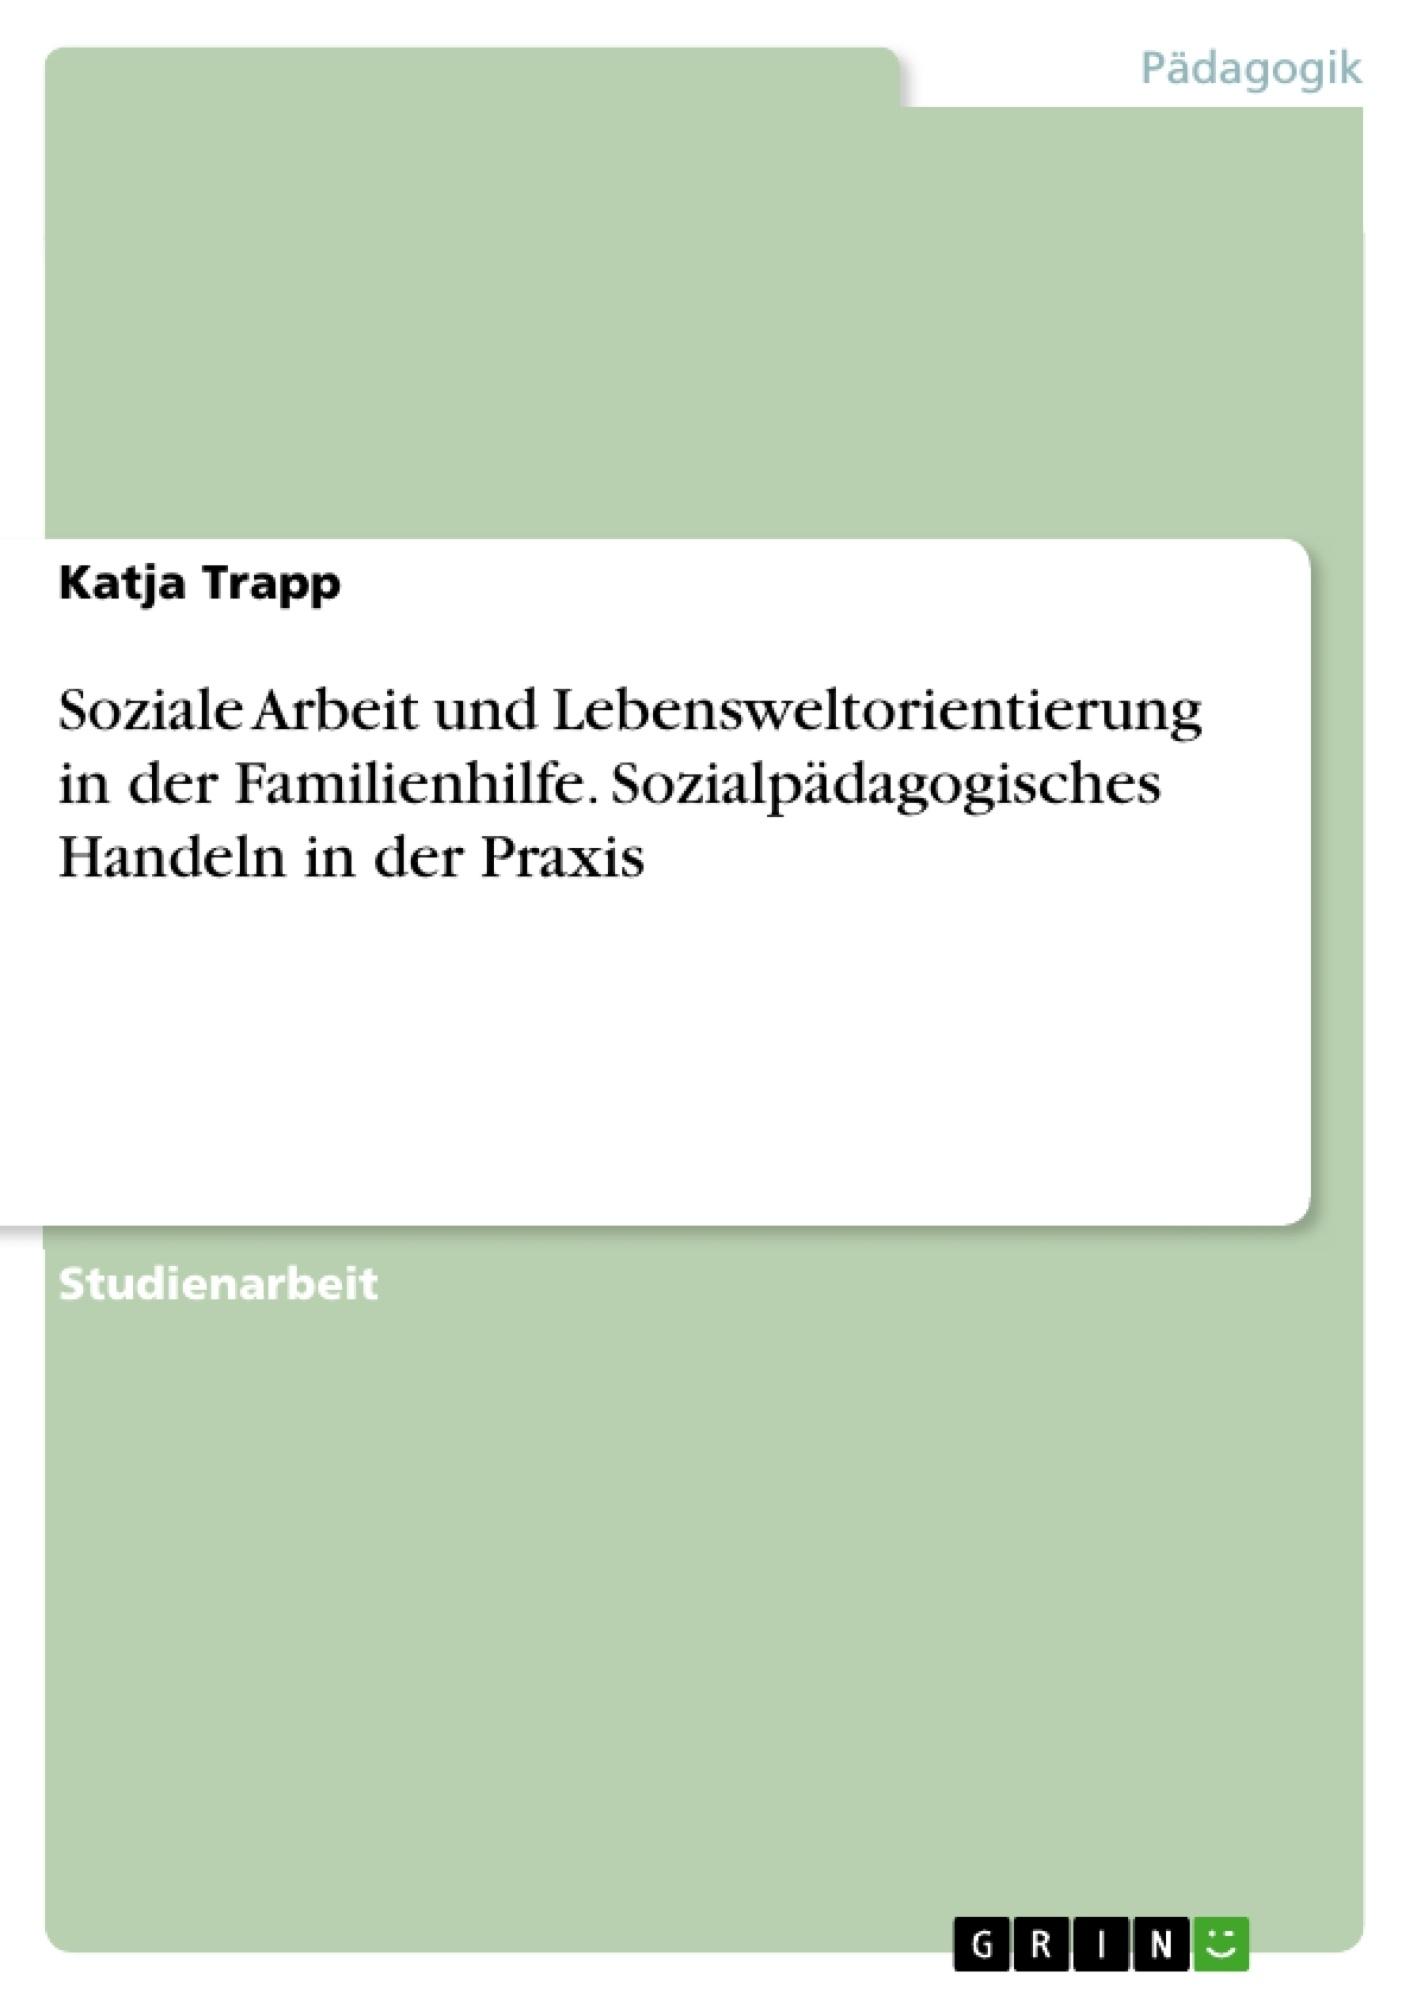 Titel: Soziale Arbeit und Lebensweltorientierung in der Familienhilfe. Sozialpädagogisches Handeln in der Praxis